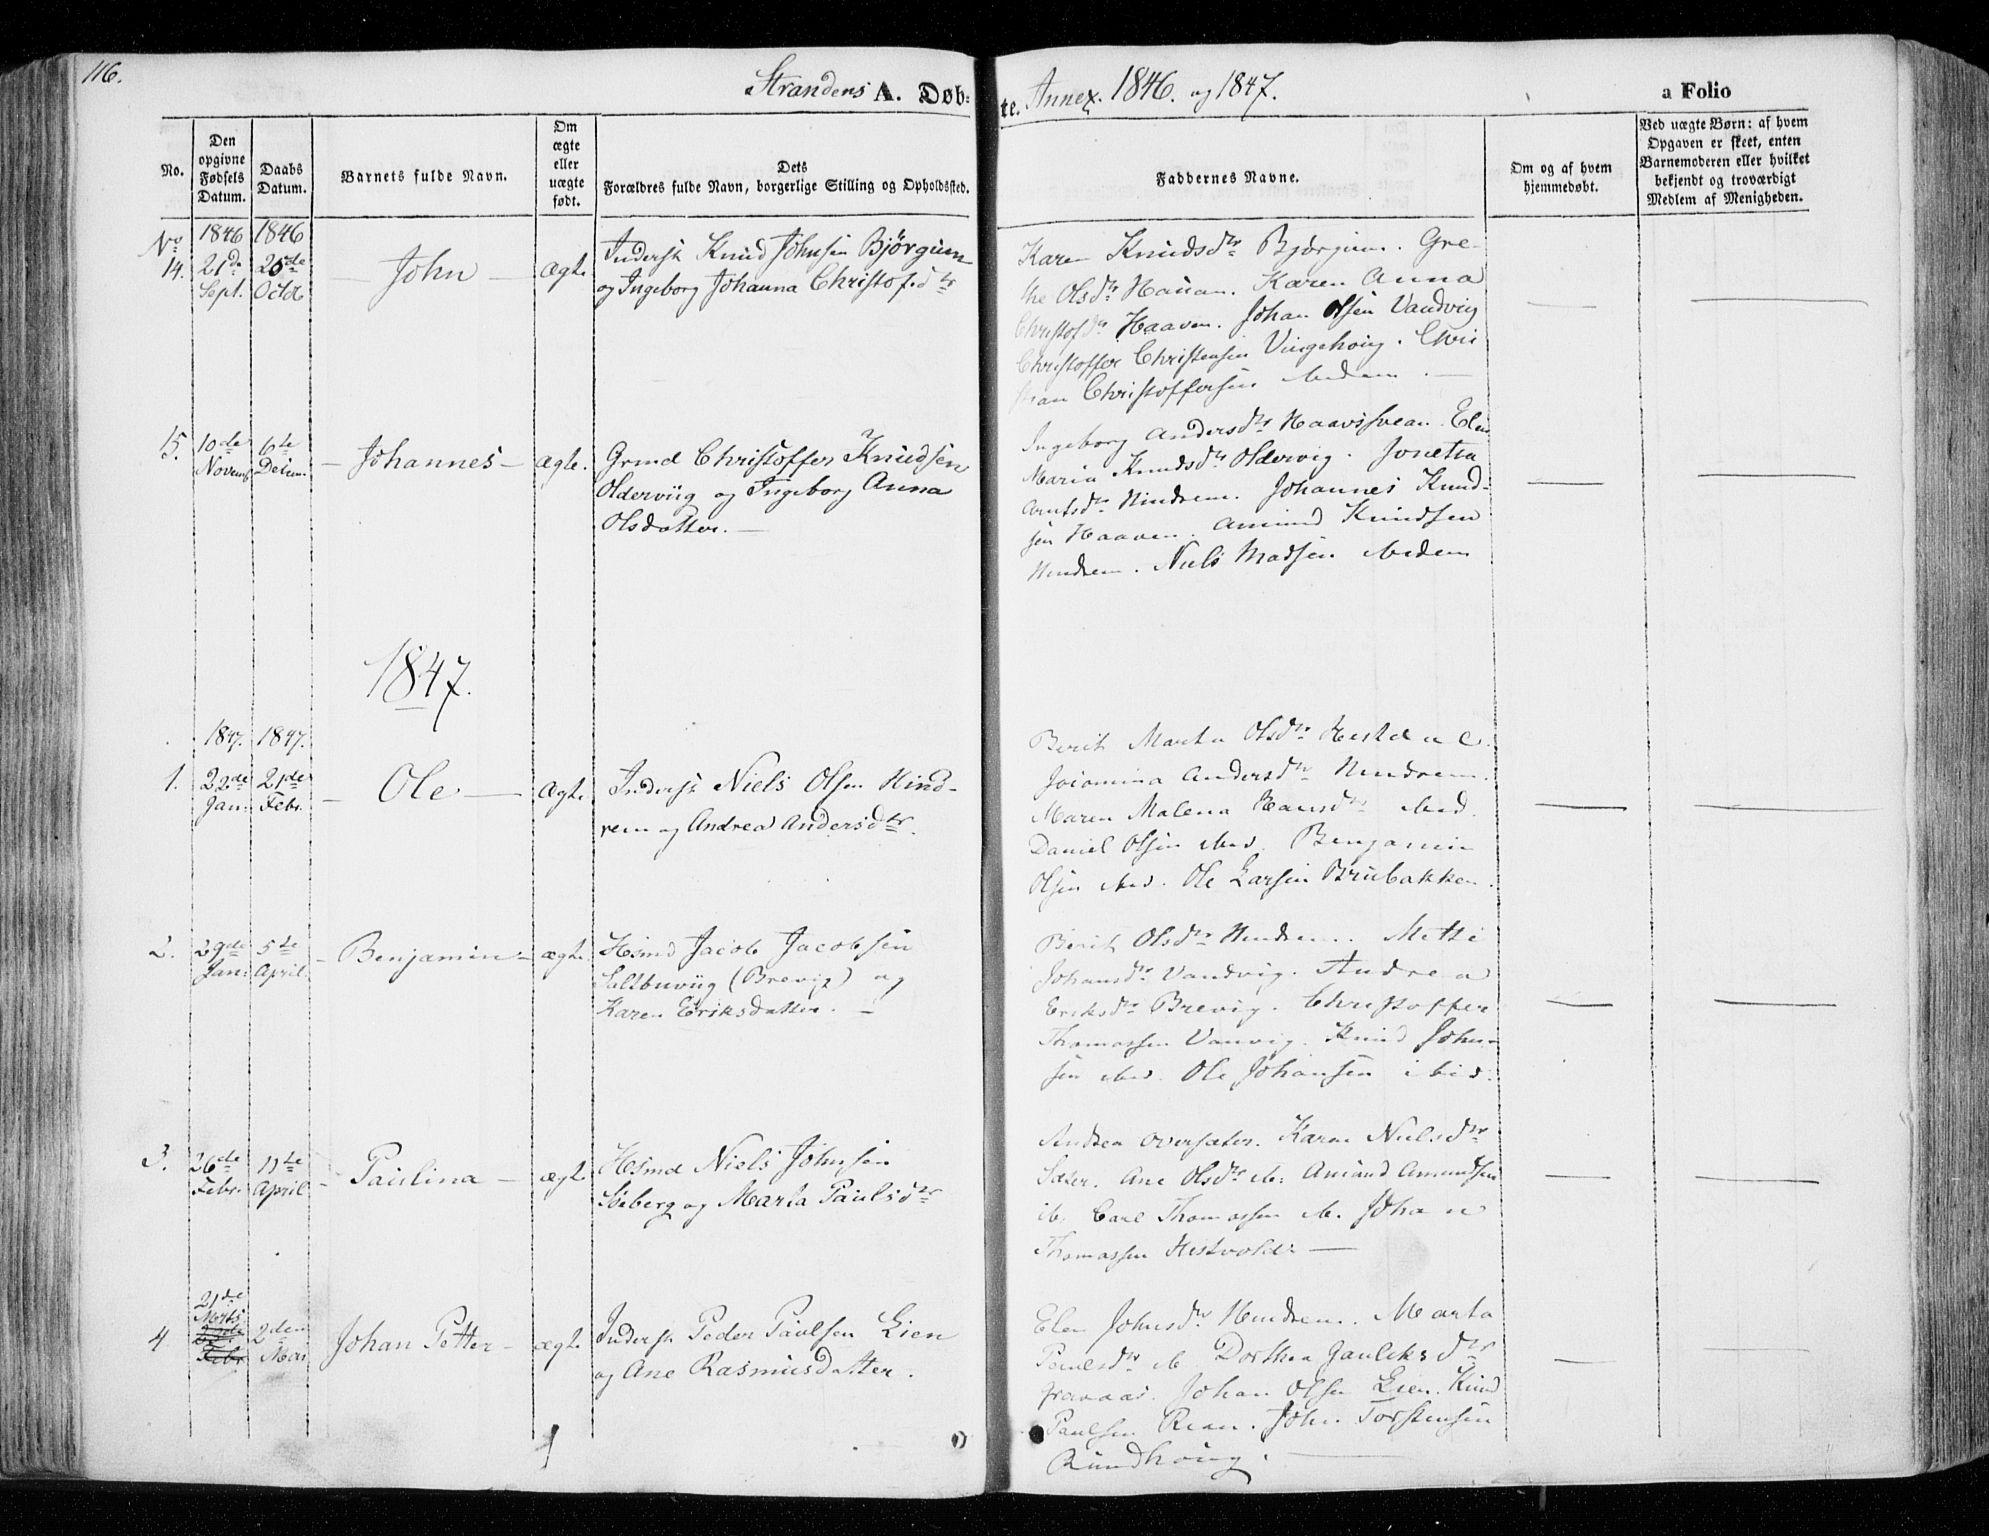 SAT, Ministerialprotokoller, klokkerbøker og fødselsregistre - Nord-Trøndelag, 701/L0007: Ministerialbok nr. 701A07 /2, 1842-1854, s. 116